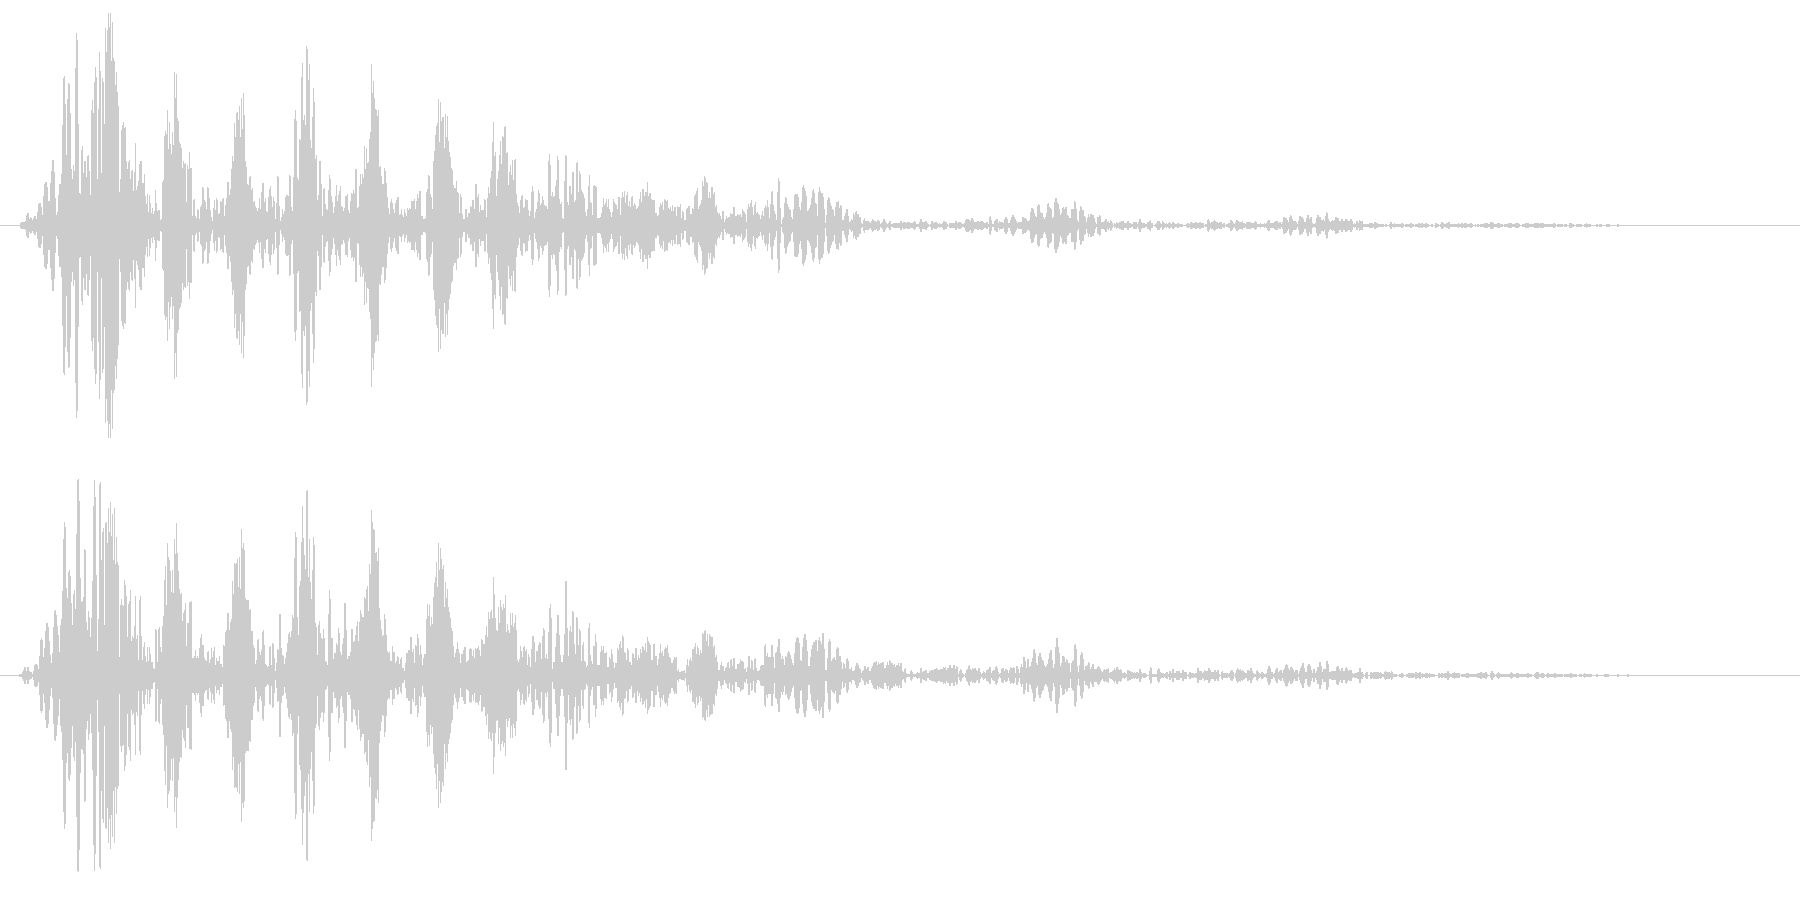 ブ〜〜ン (波形の発射音)の未再生の波形